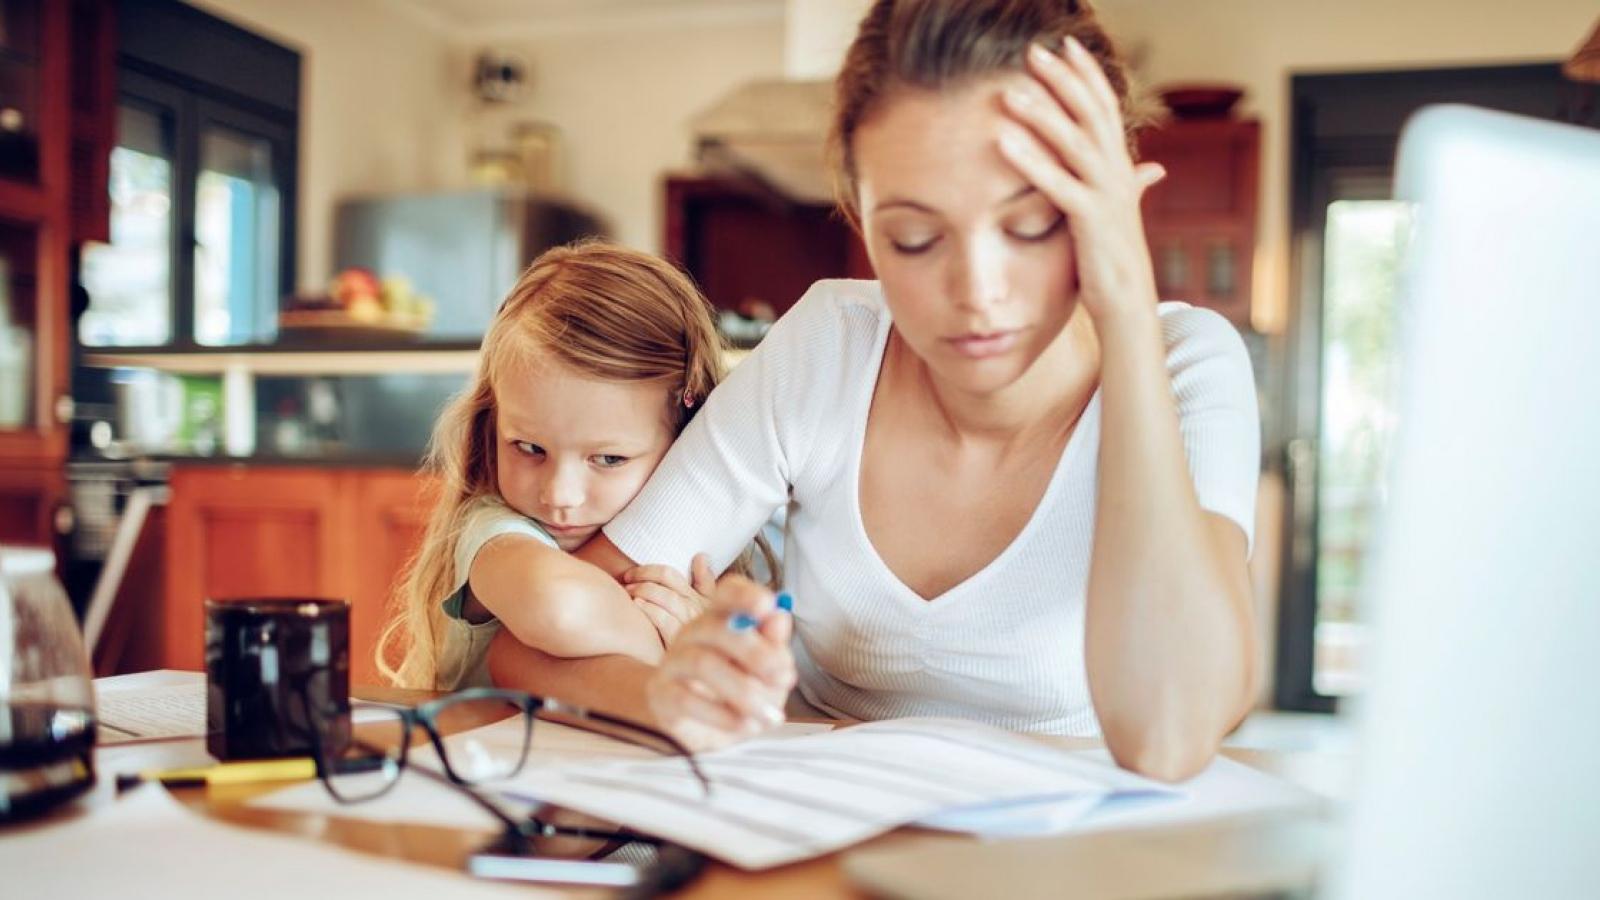 Các cách giúp mẹ có thể cân bằng giữa công việc và chăm sóc gia đình